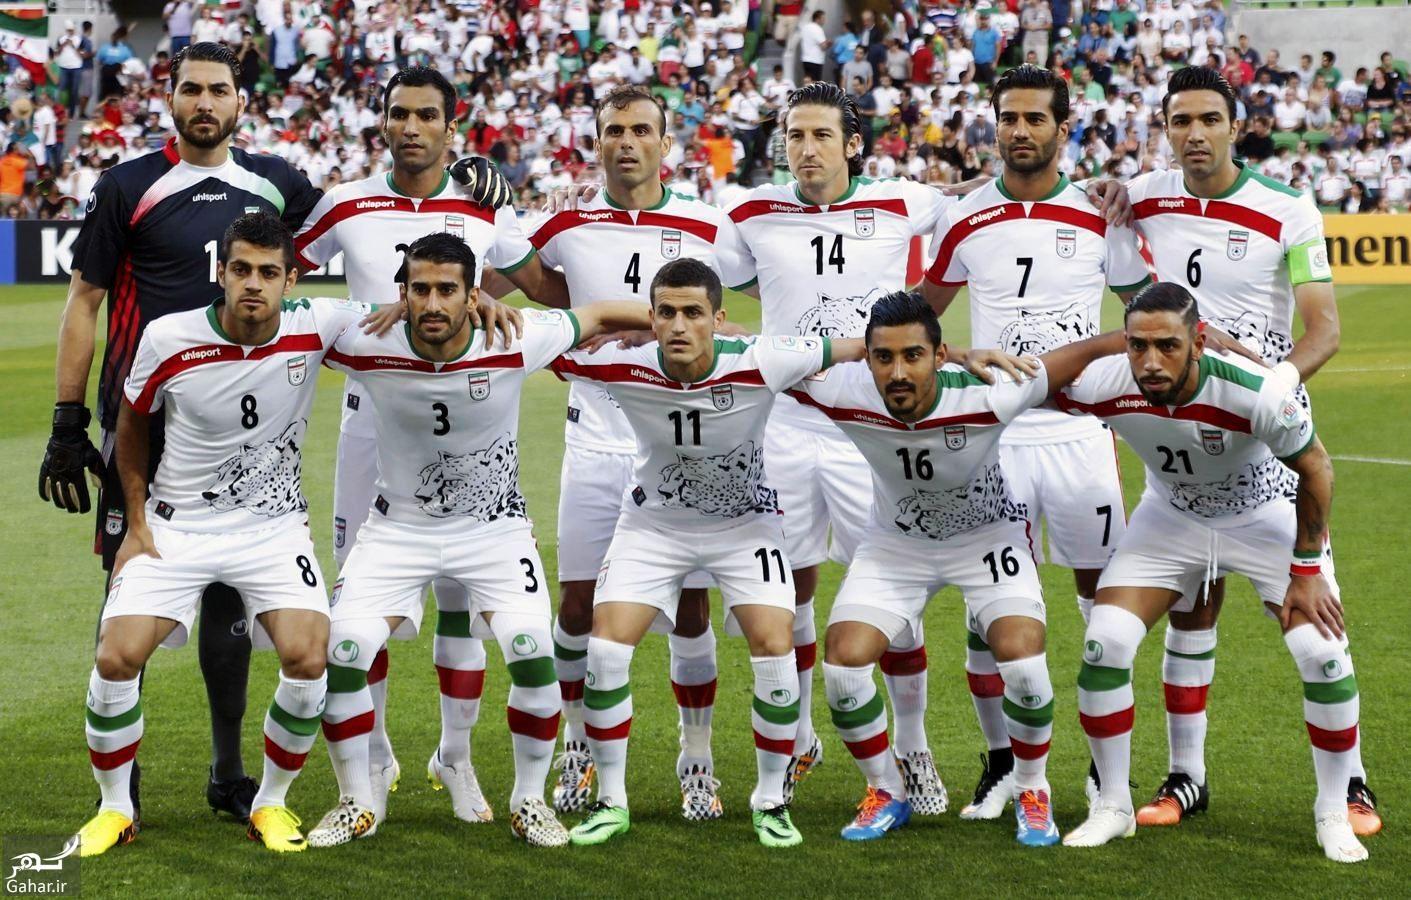 1111 اسامی تیم ملی فوتبال ایران برای بازی در مقابل ازبکستان و کره جنوبی